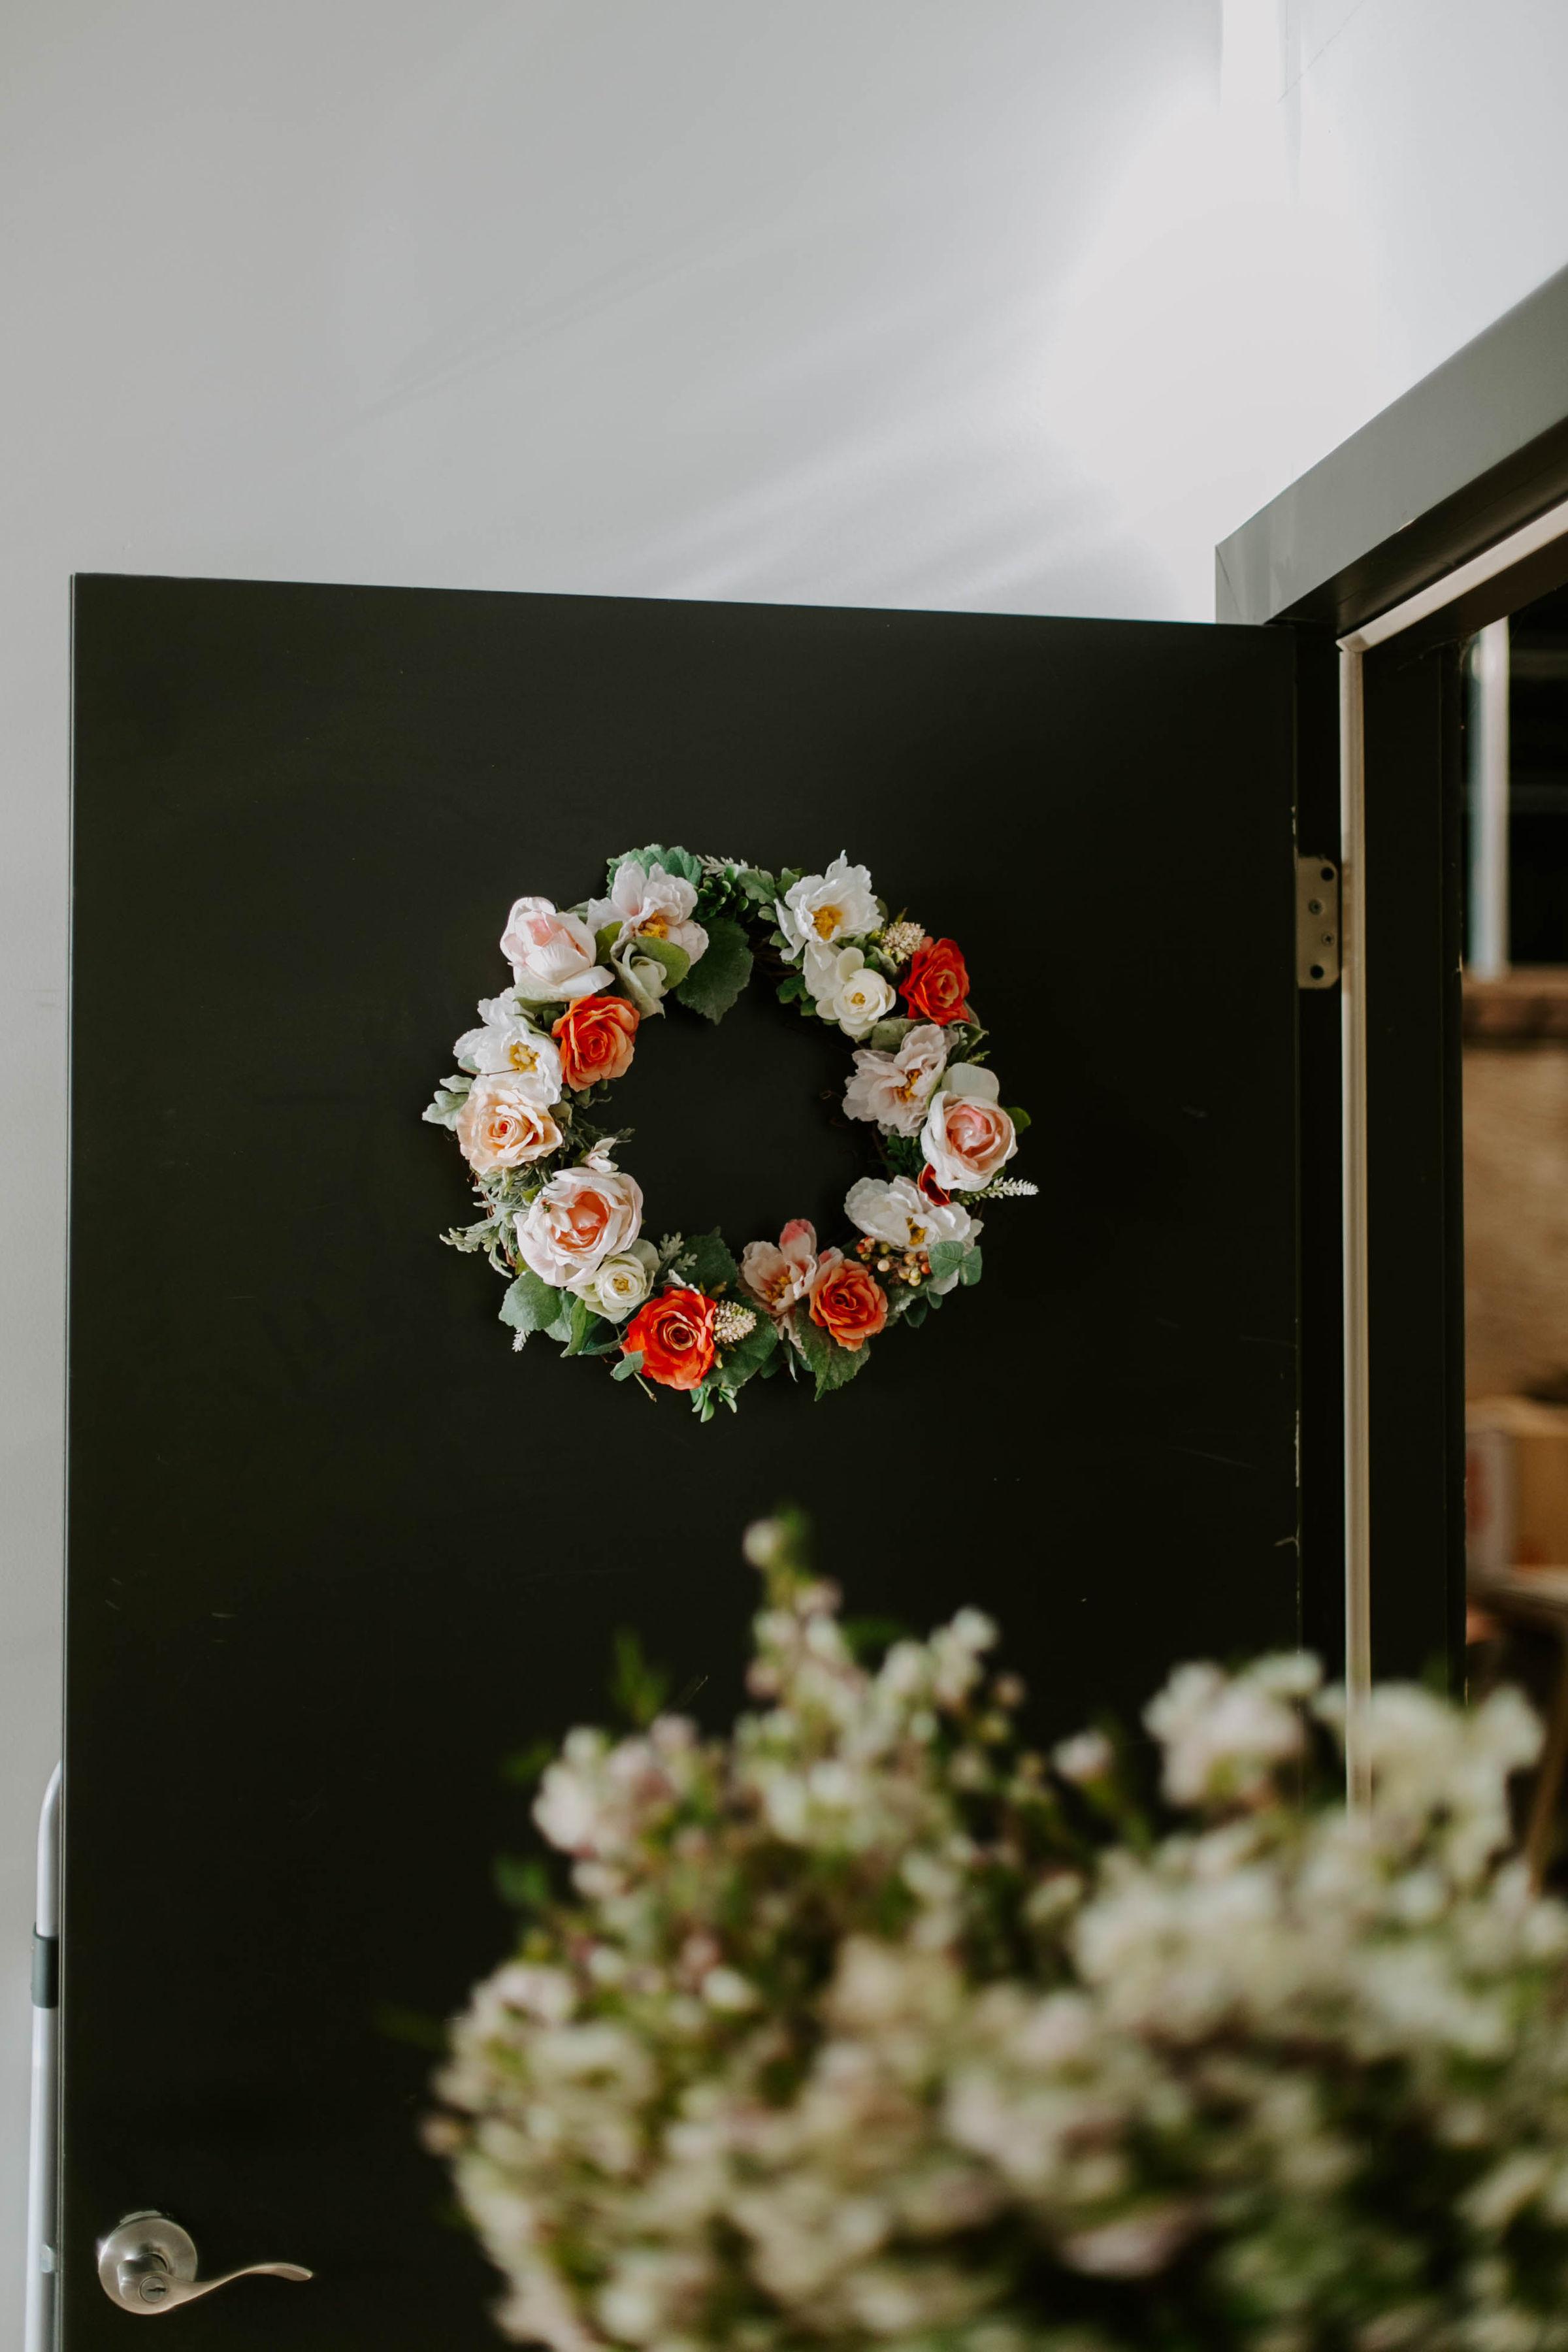 langhorne-floral-co-8.jpg